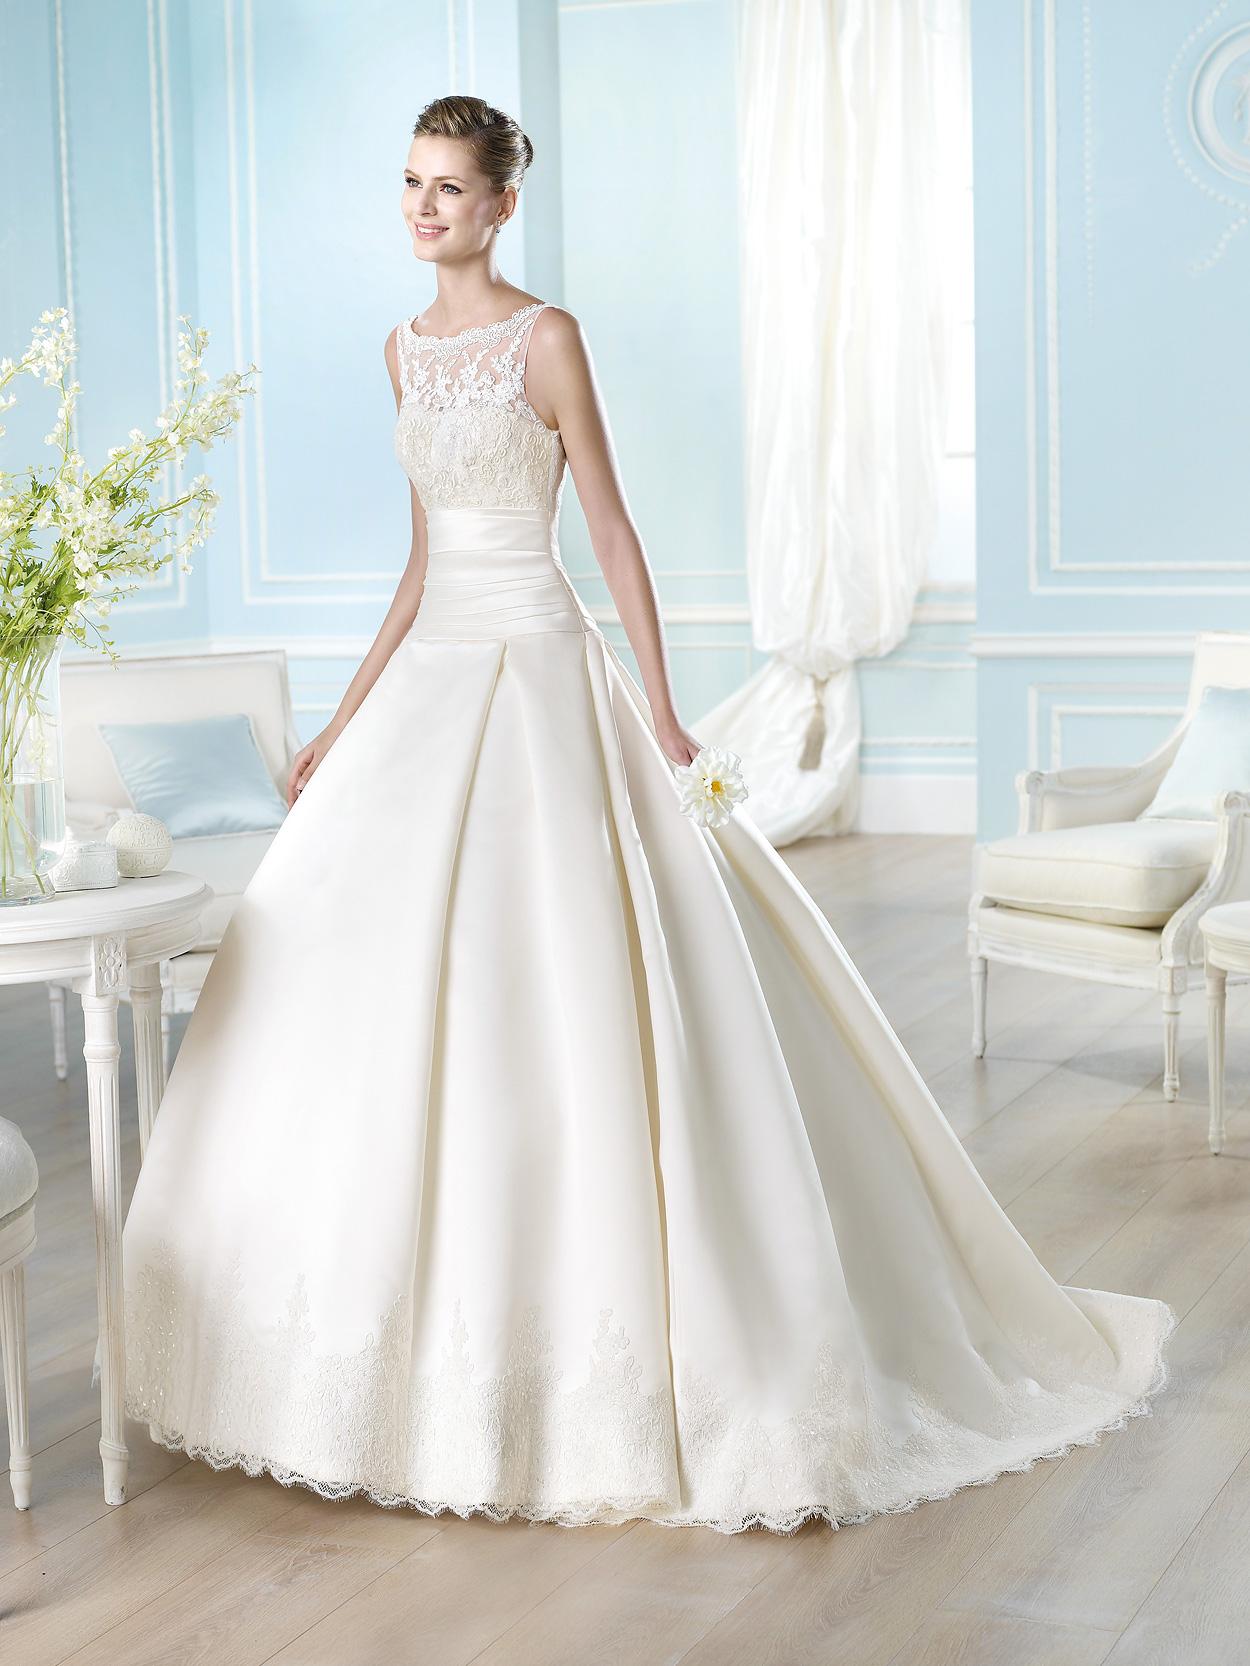 Недорогие свадебные платья в Москве. Всем известно, что качественное свадебное платье не